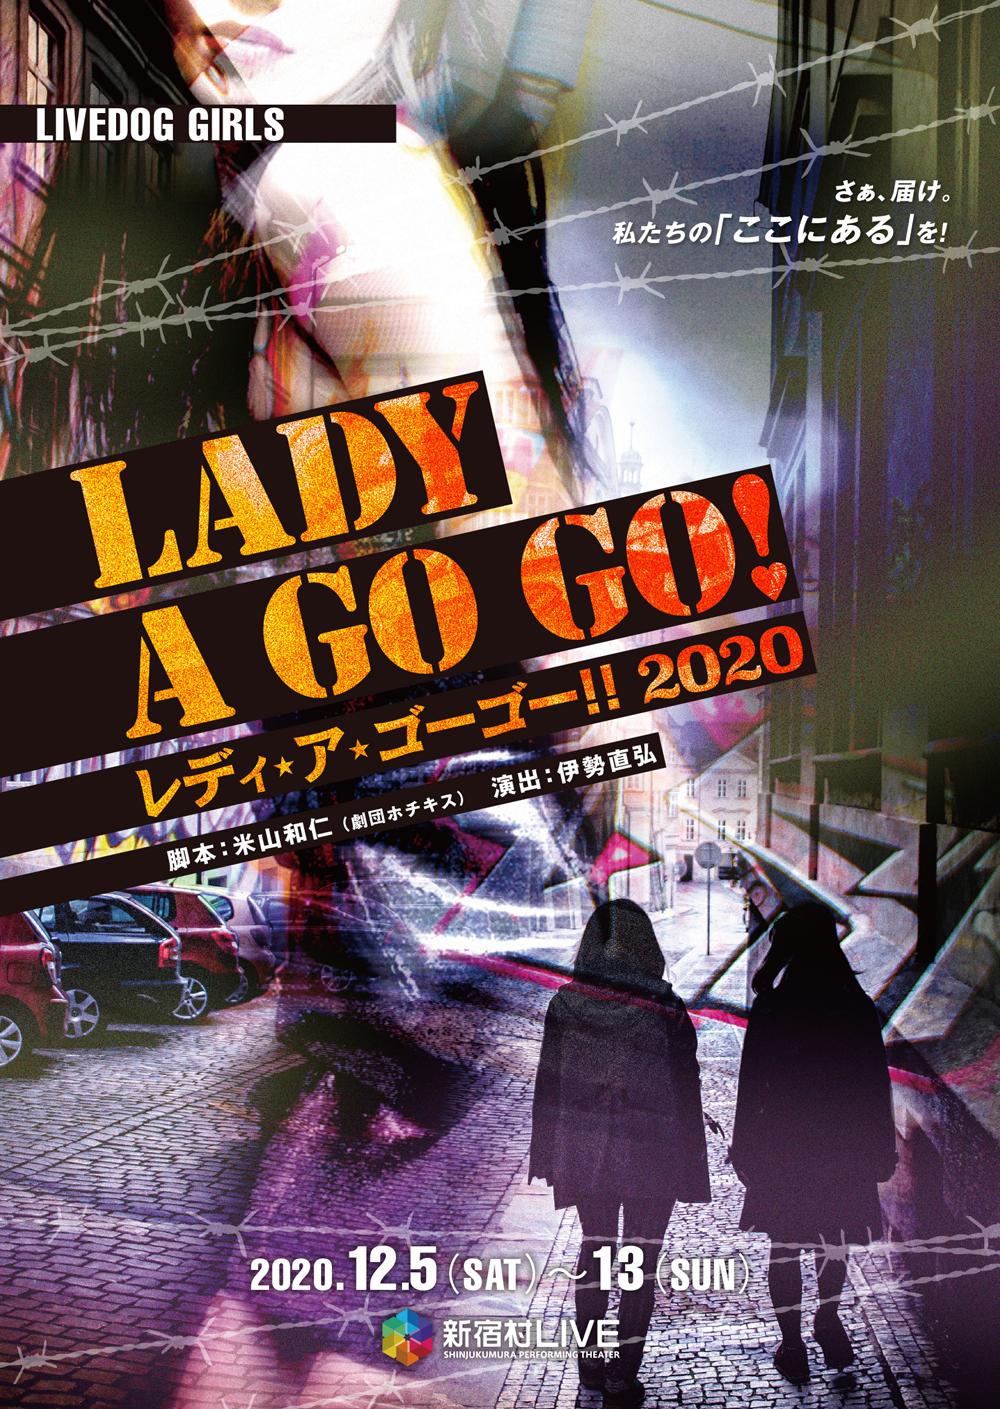 レディ・ア・ゴーゴー!!2020【劇場用】